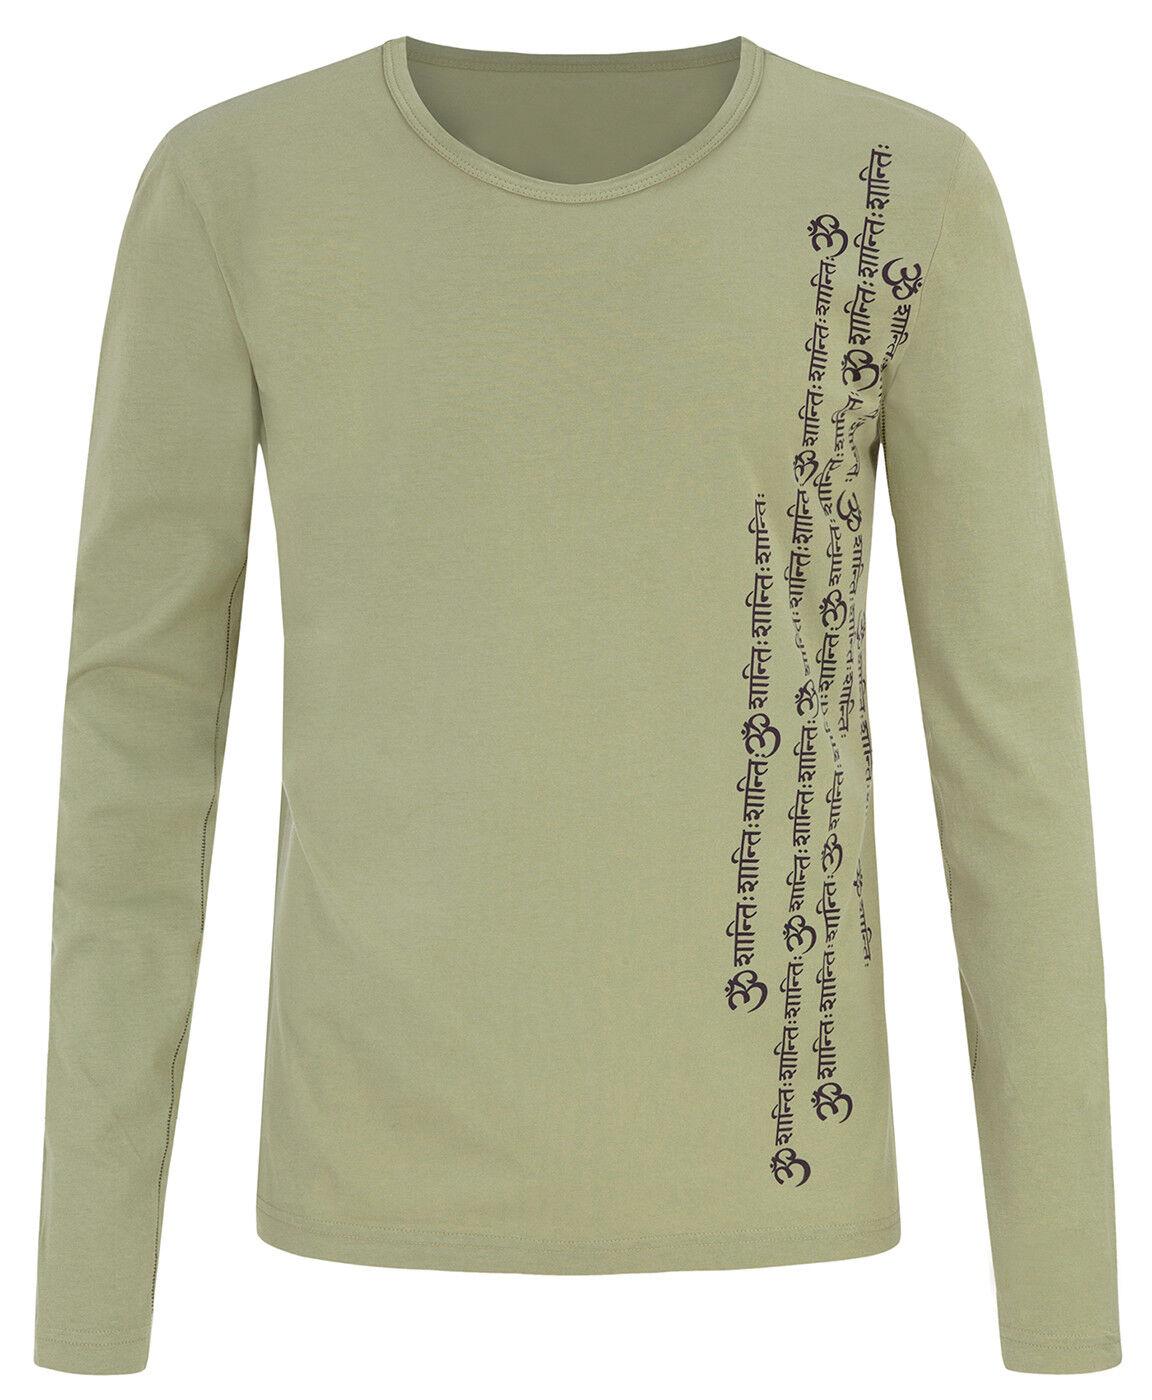 Yoga-shirt  orest  - Men - Eucalyptus Grün von von von Yogistar d04ee3